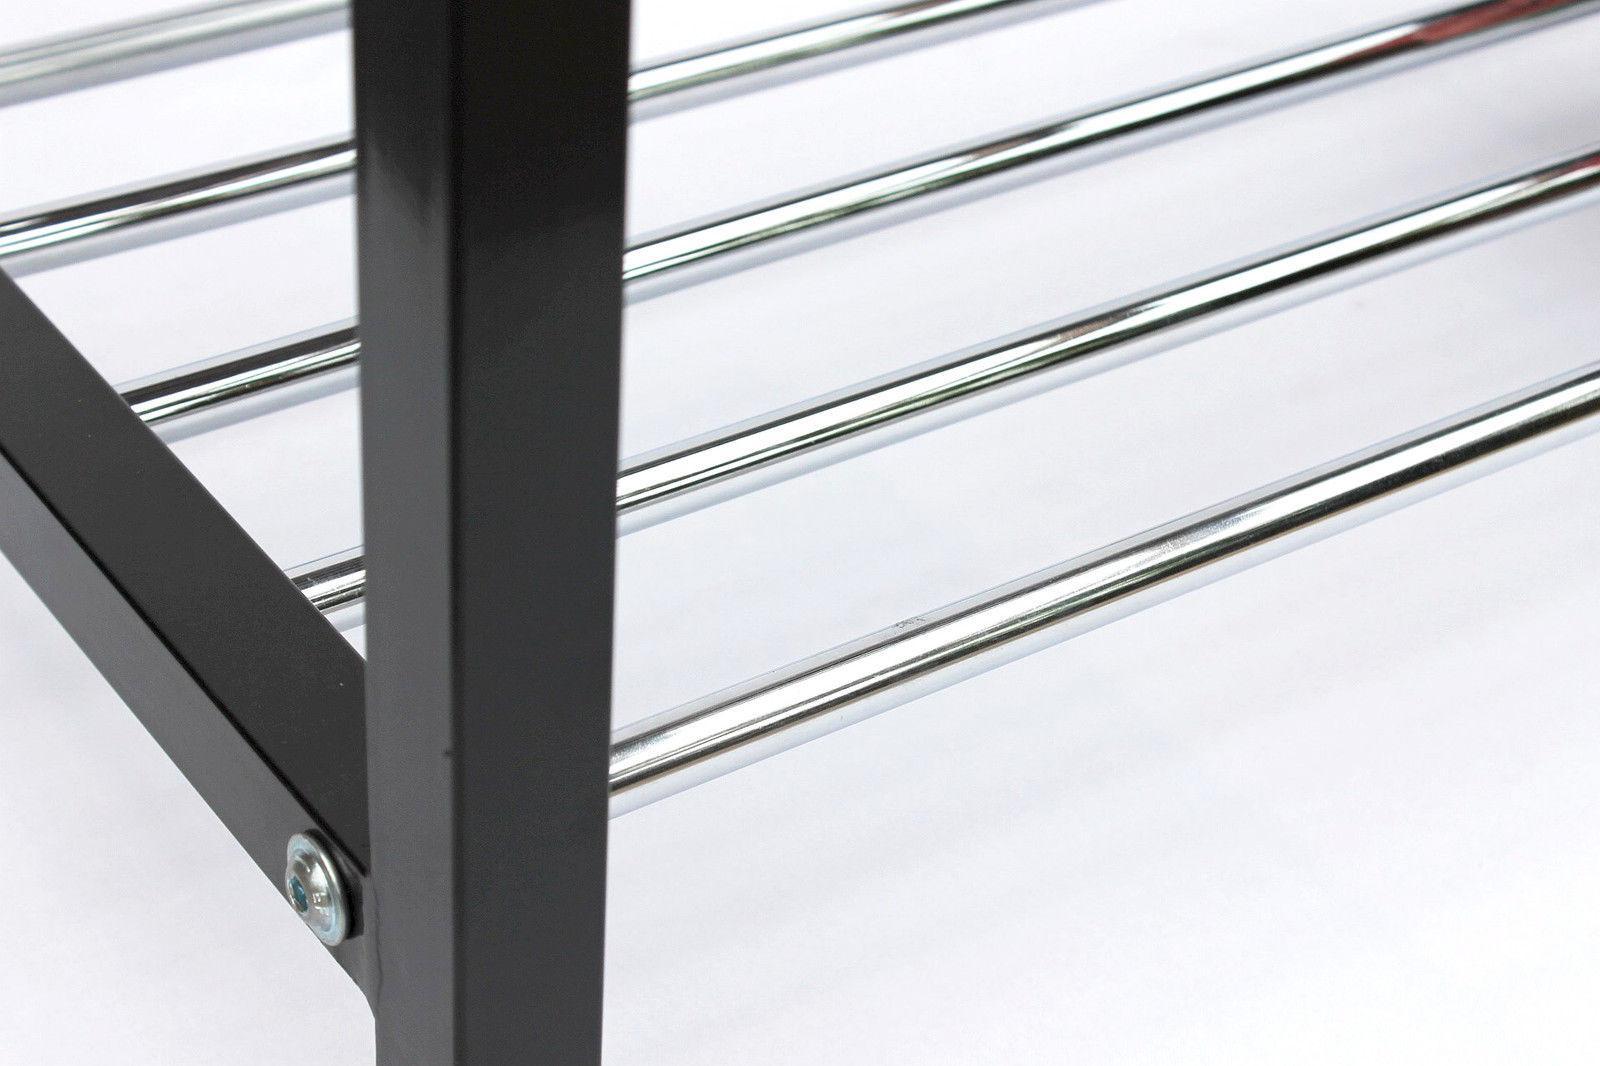 schuhregal schuhbank 70 cm schuhschrank aus metall schuhablage modern ebay. Black Bedroom Furniture Sets. Home Design Ideas